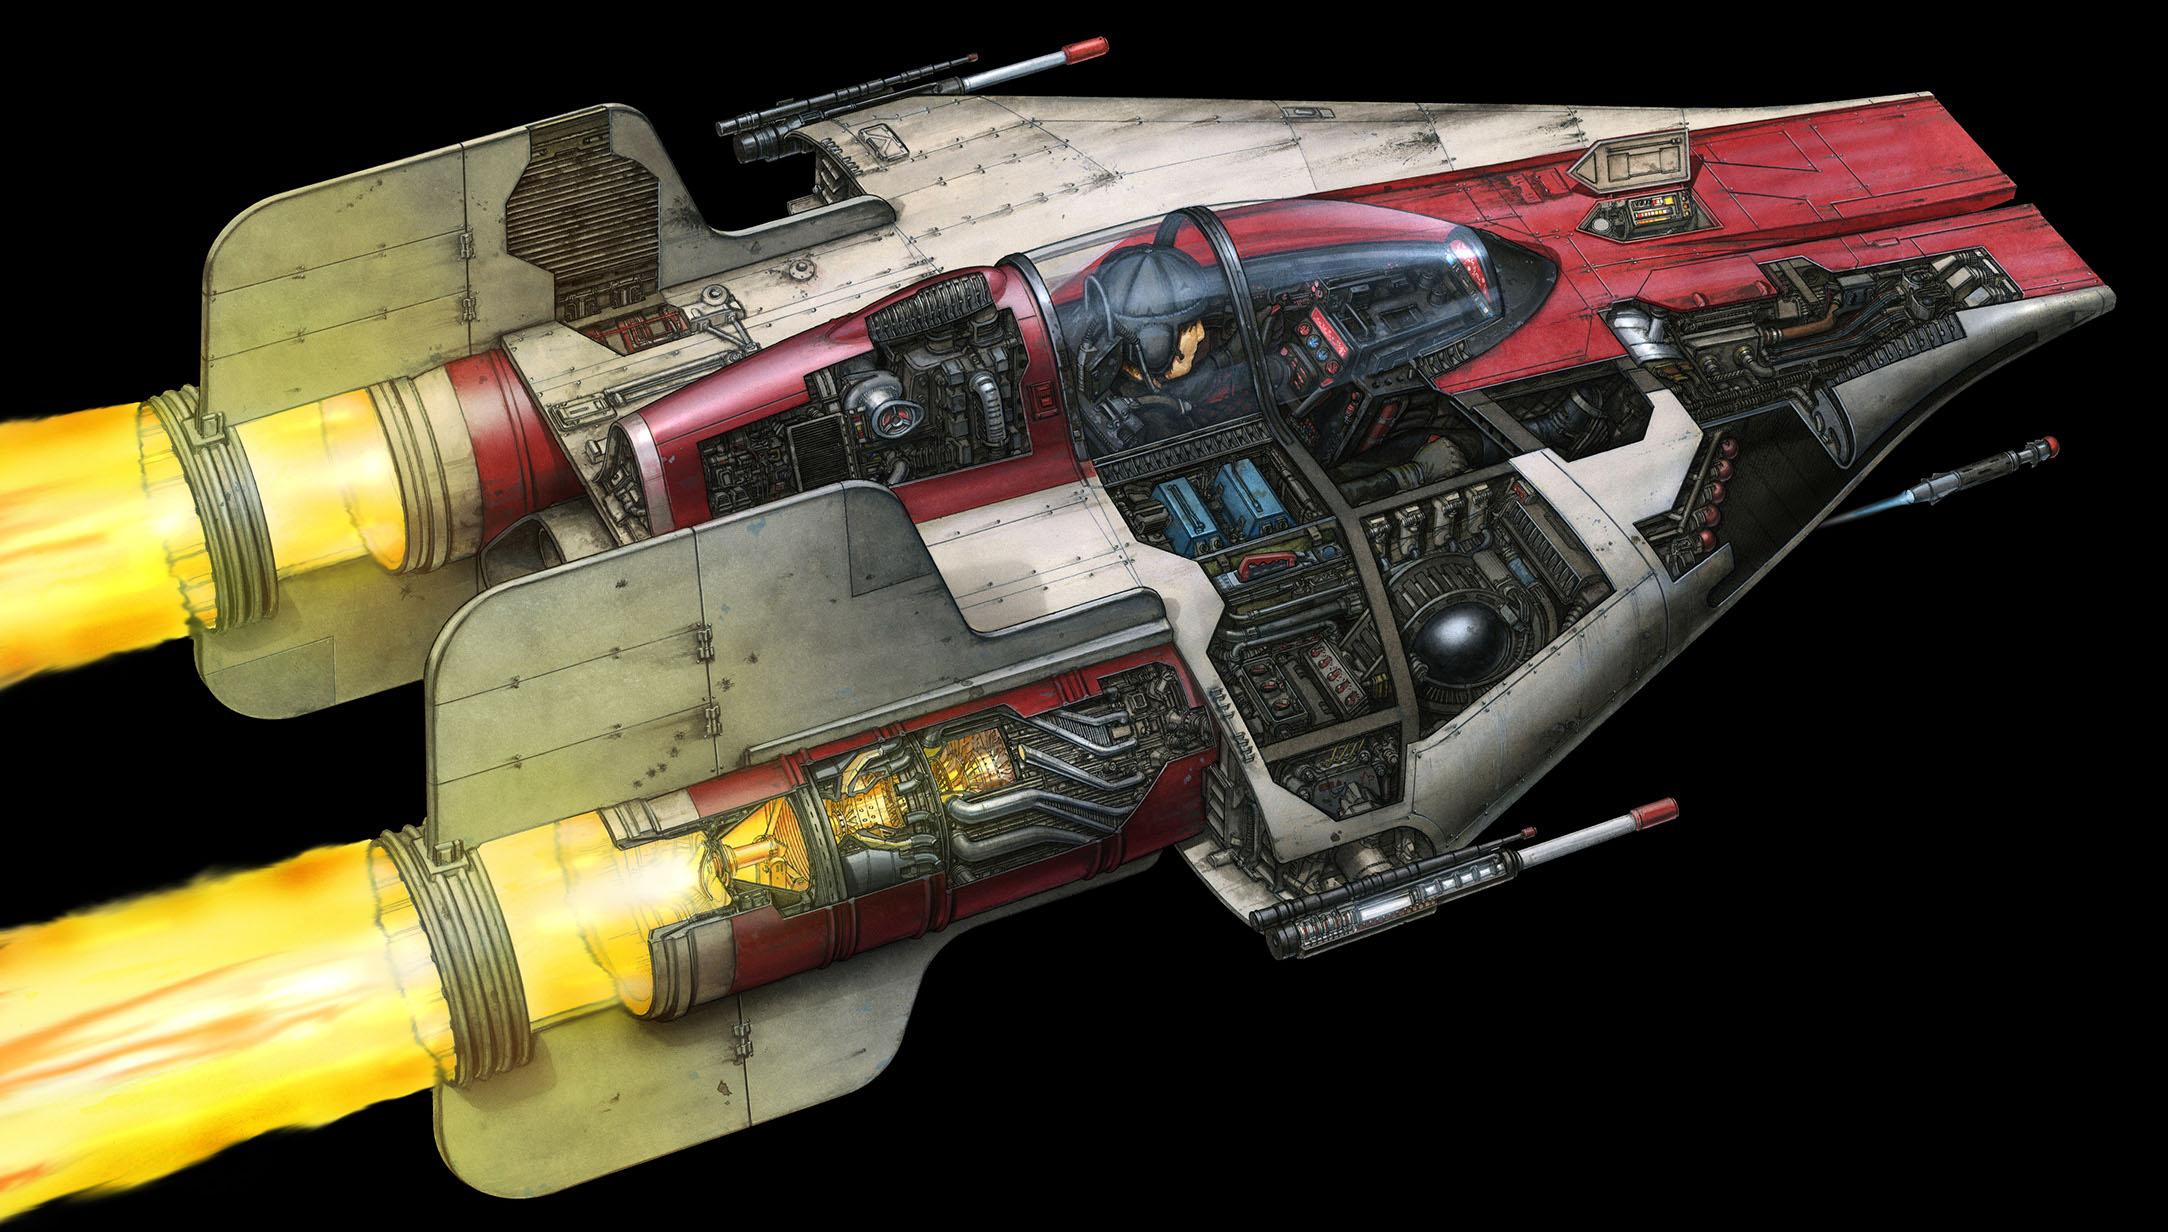 스타워즈 반란군 A윙 엔진에 대한 이미지 검색결과